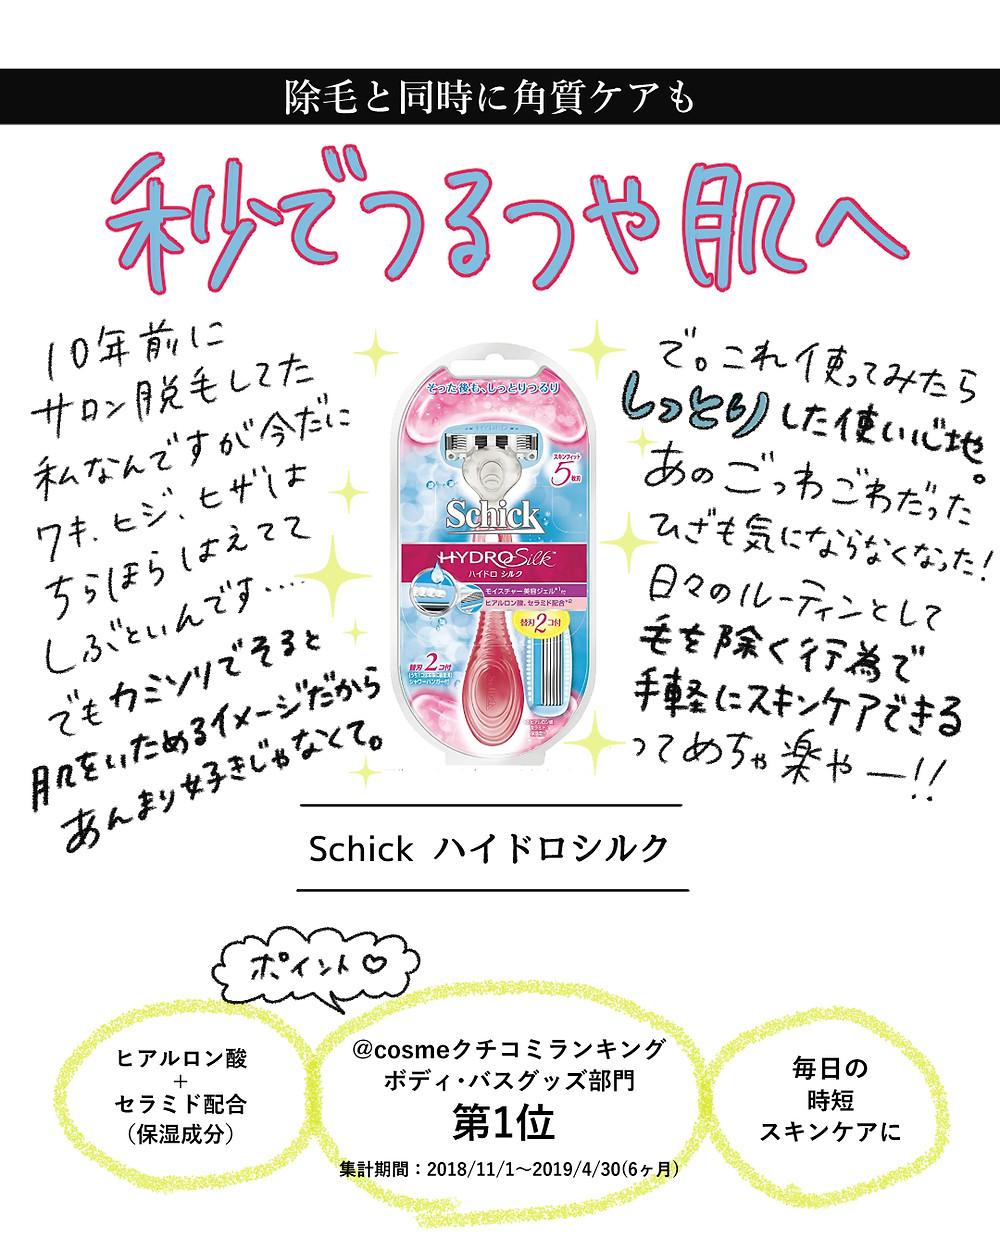 シック・ジャパン株式会社様「Schick ハイドロシルク」シリーズ